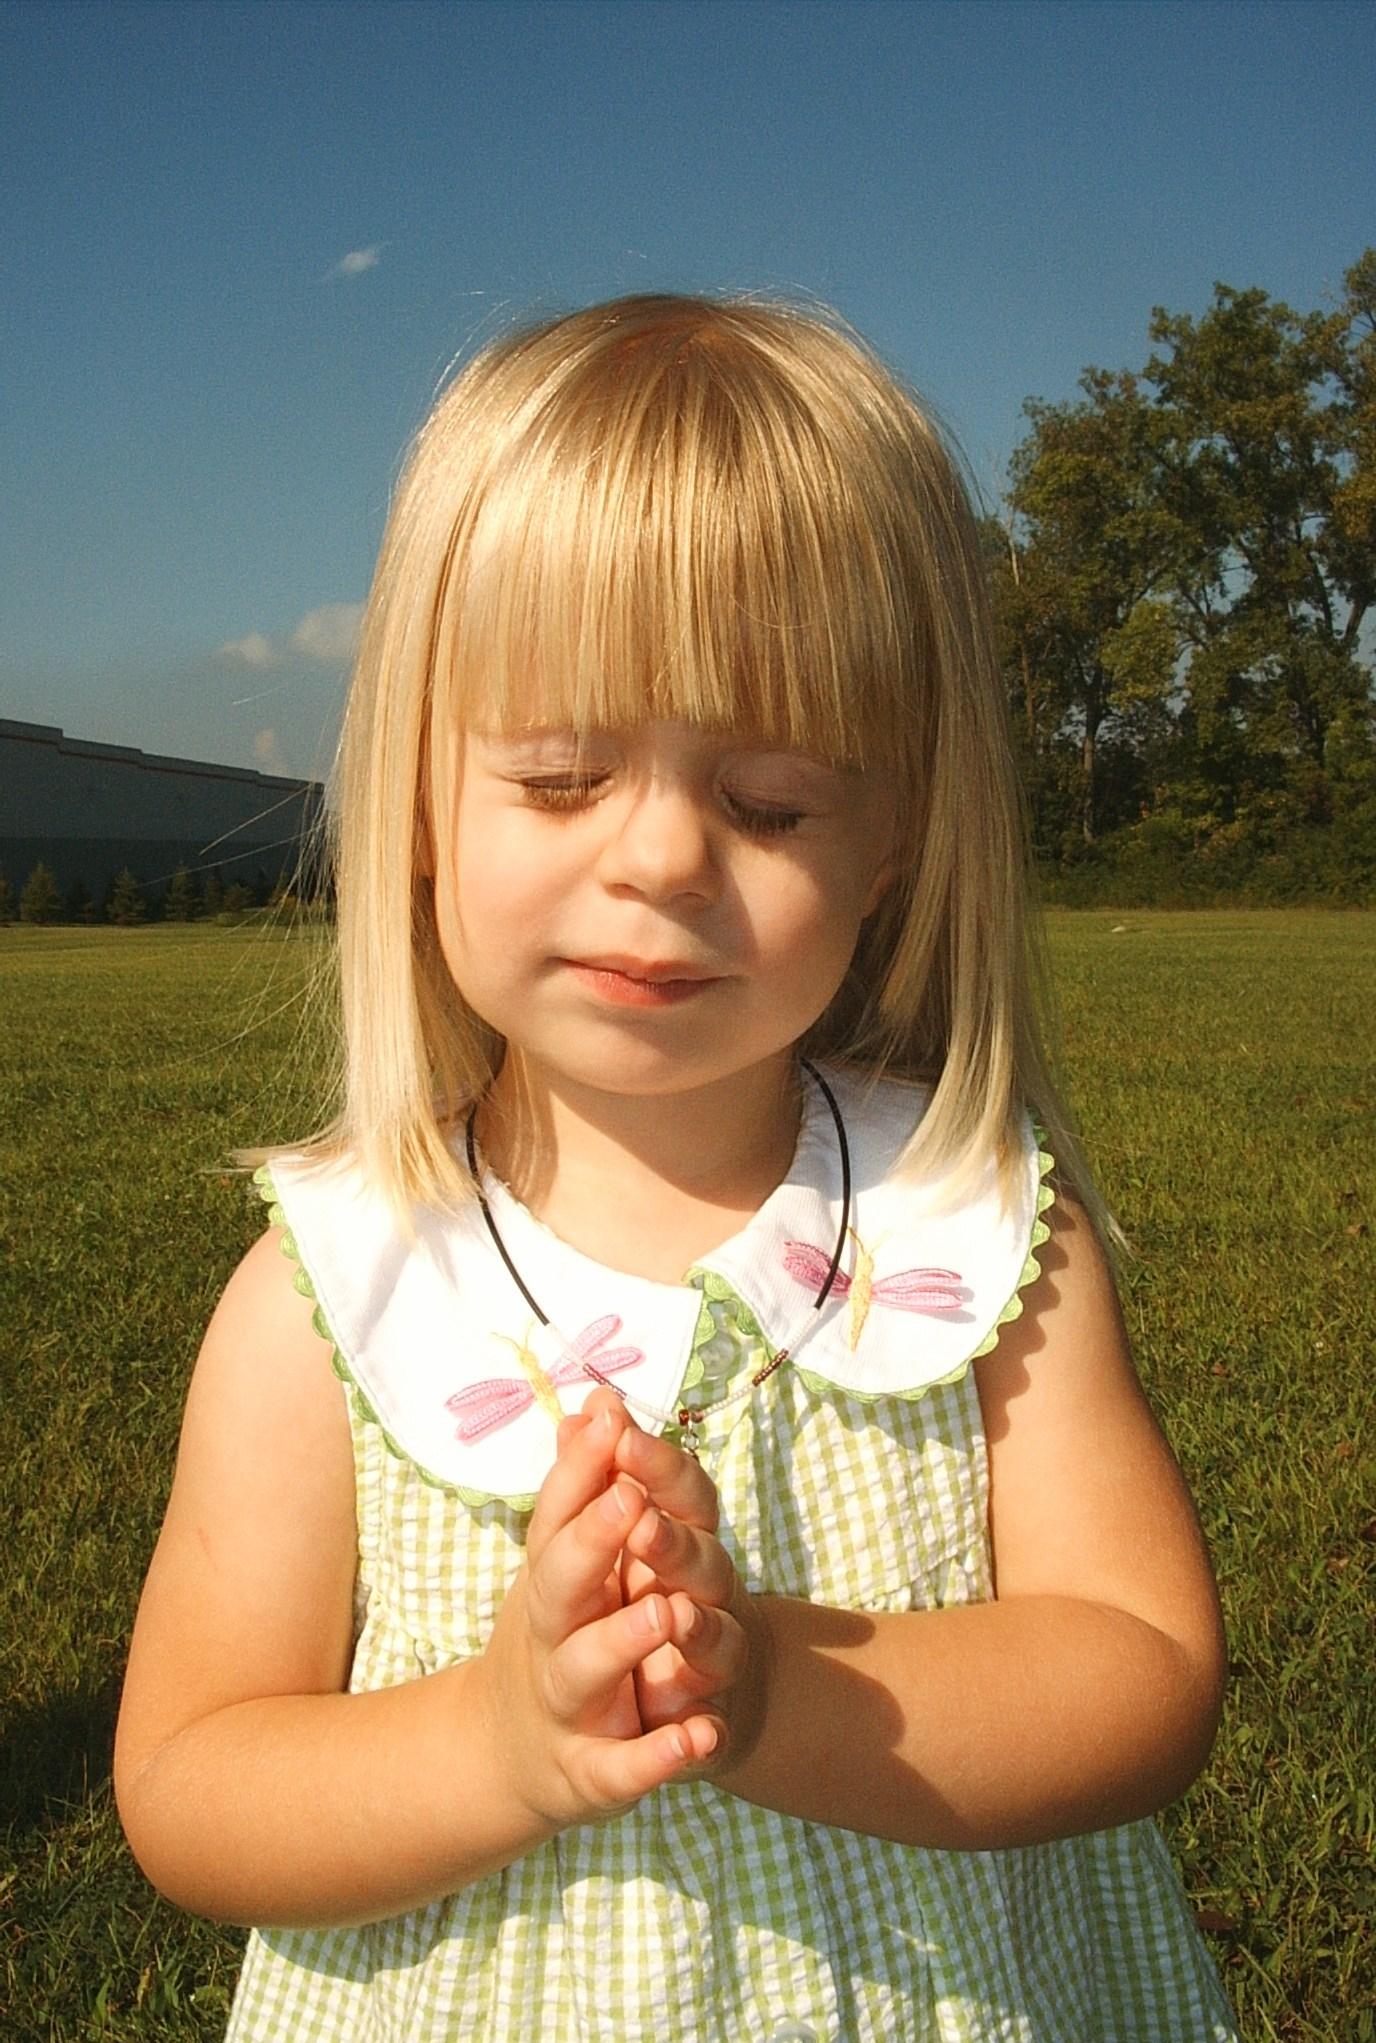 little-girl-praying.jpg